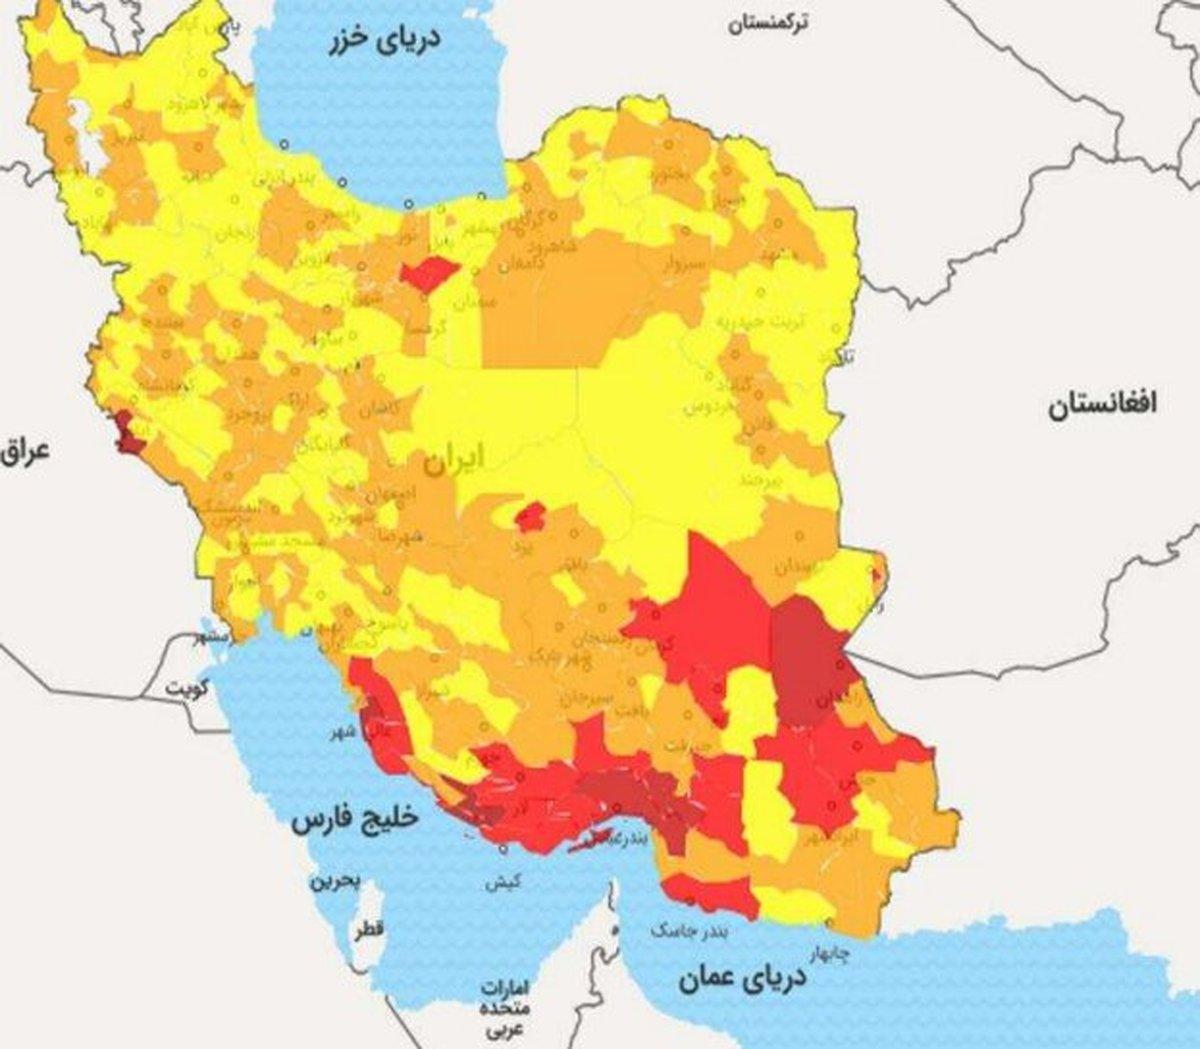 گسترش شهرهای قرمز کرونا از جنوب به سمت مرکز کشور   زنگ خطری برای بروز موج پنجم بیماری